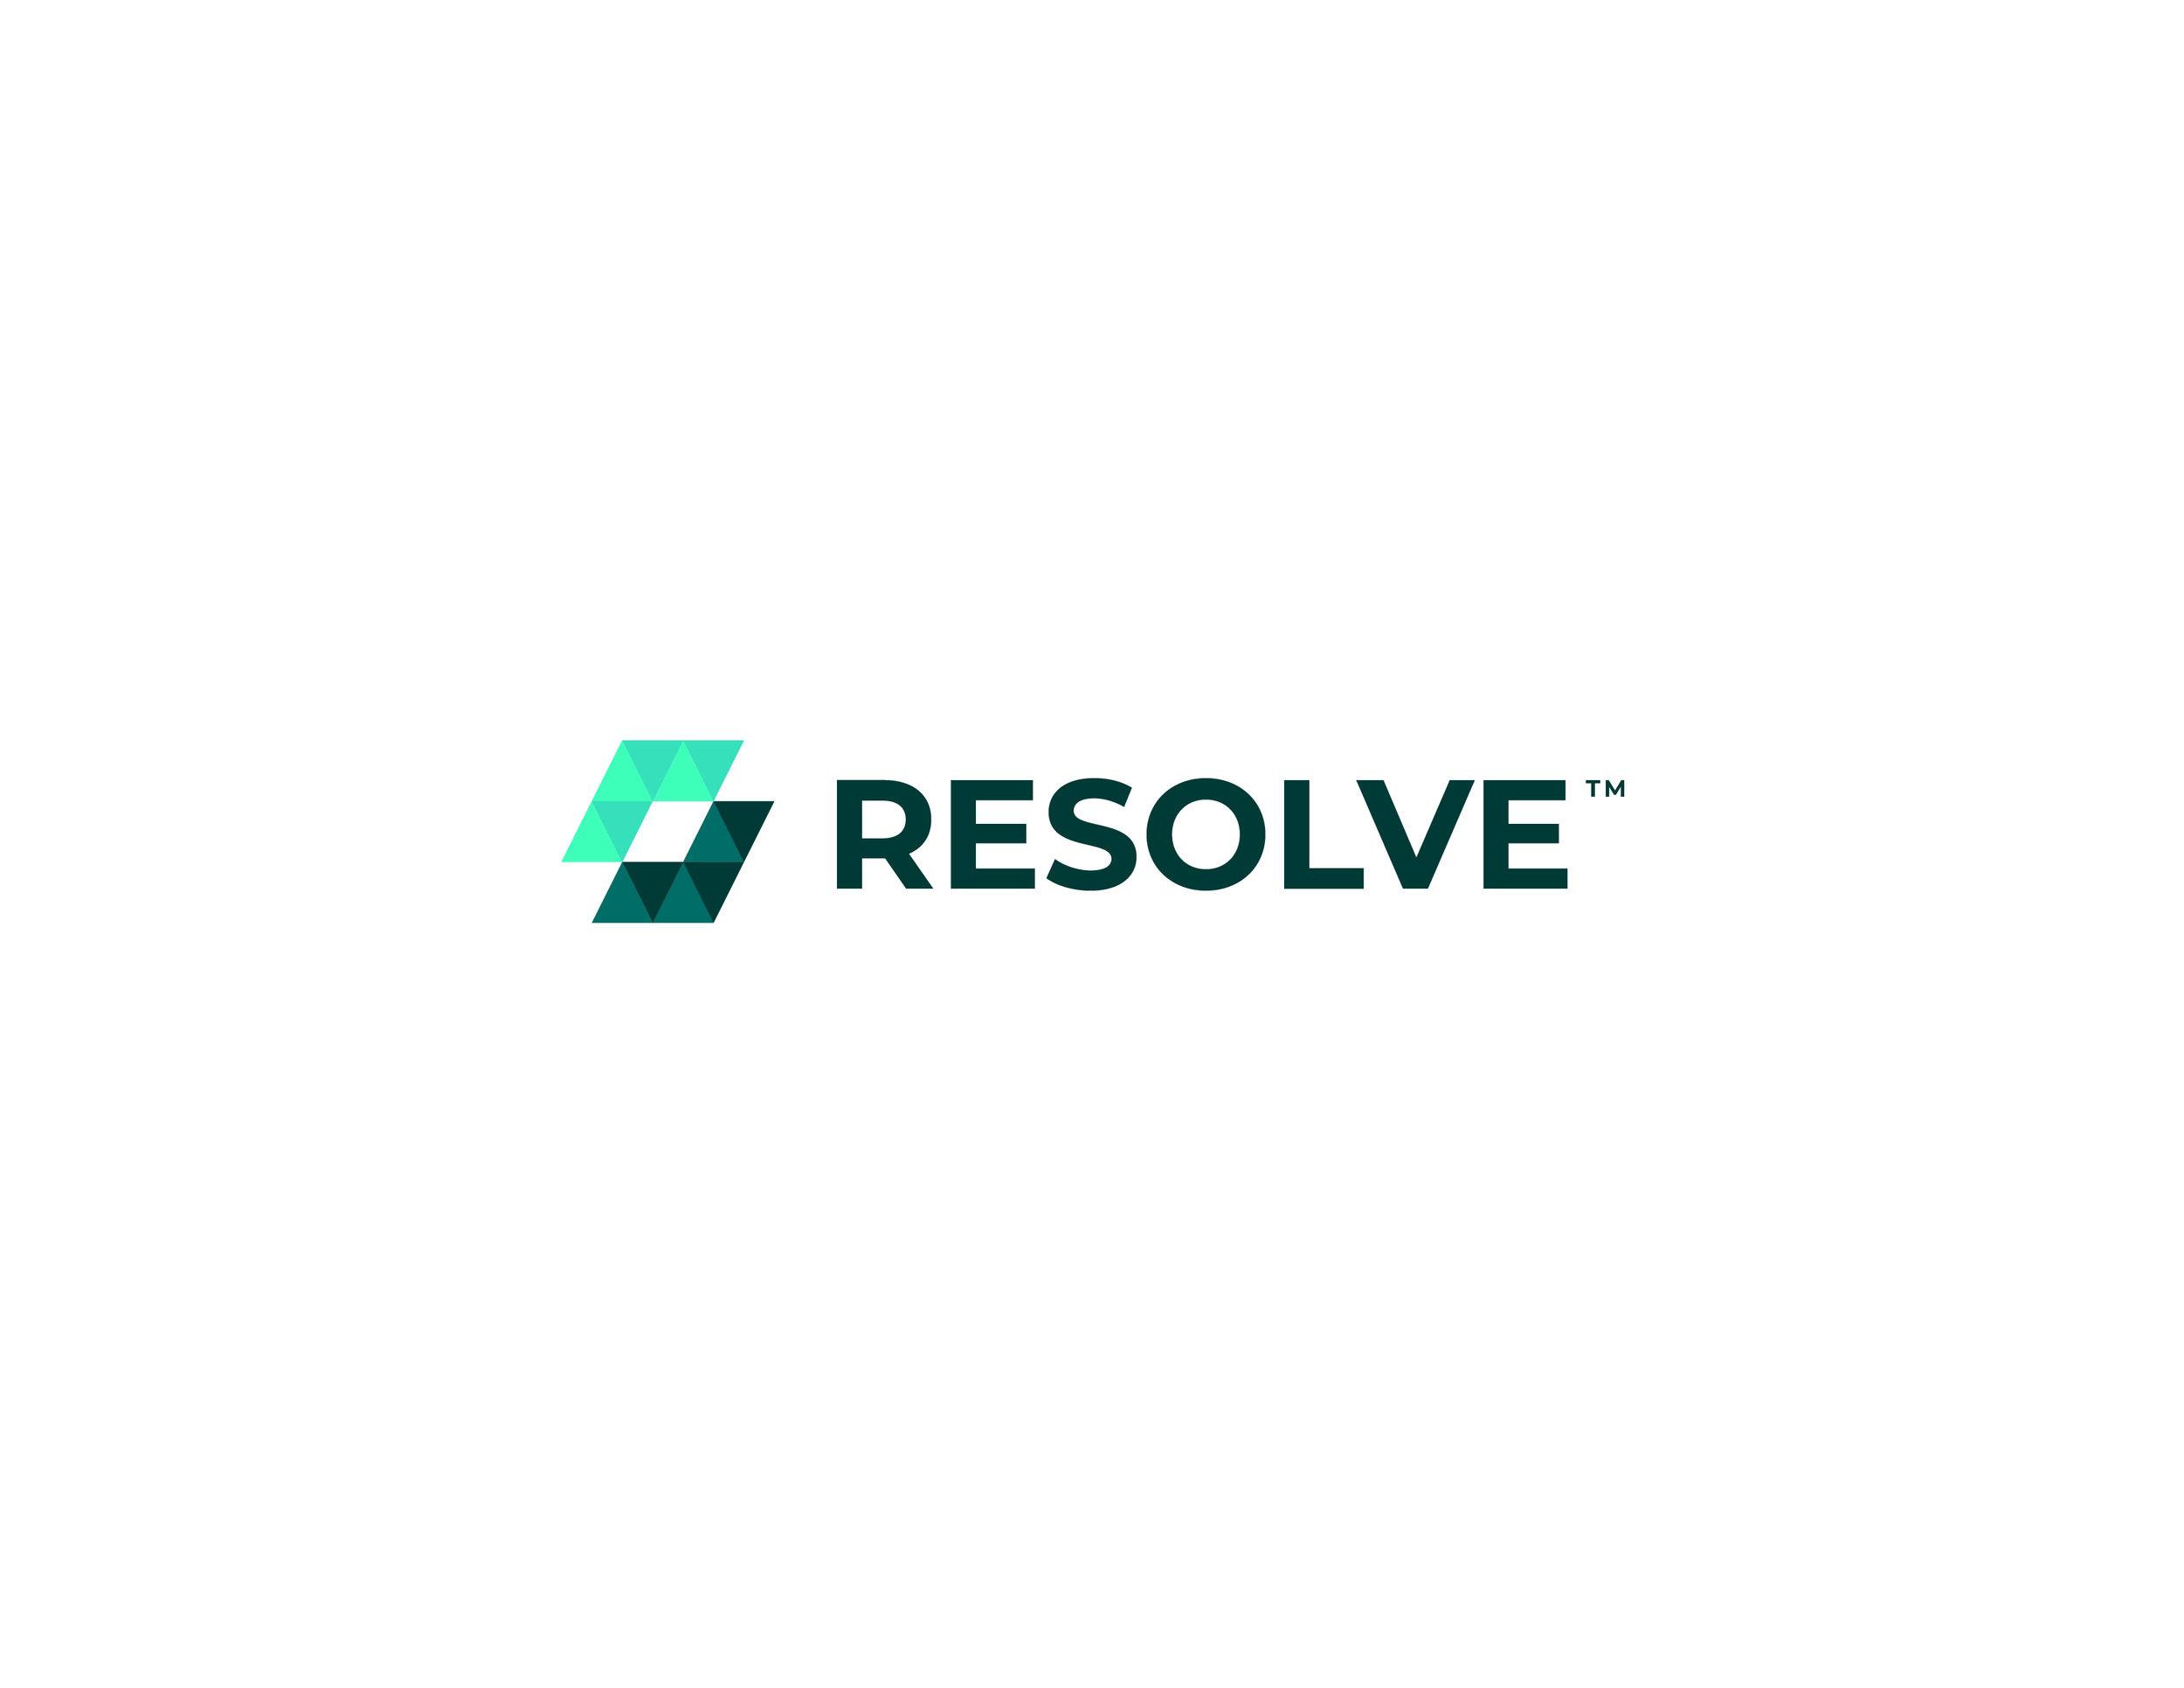 Resolve-Branding-Mockups2_resolve-02.jpg